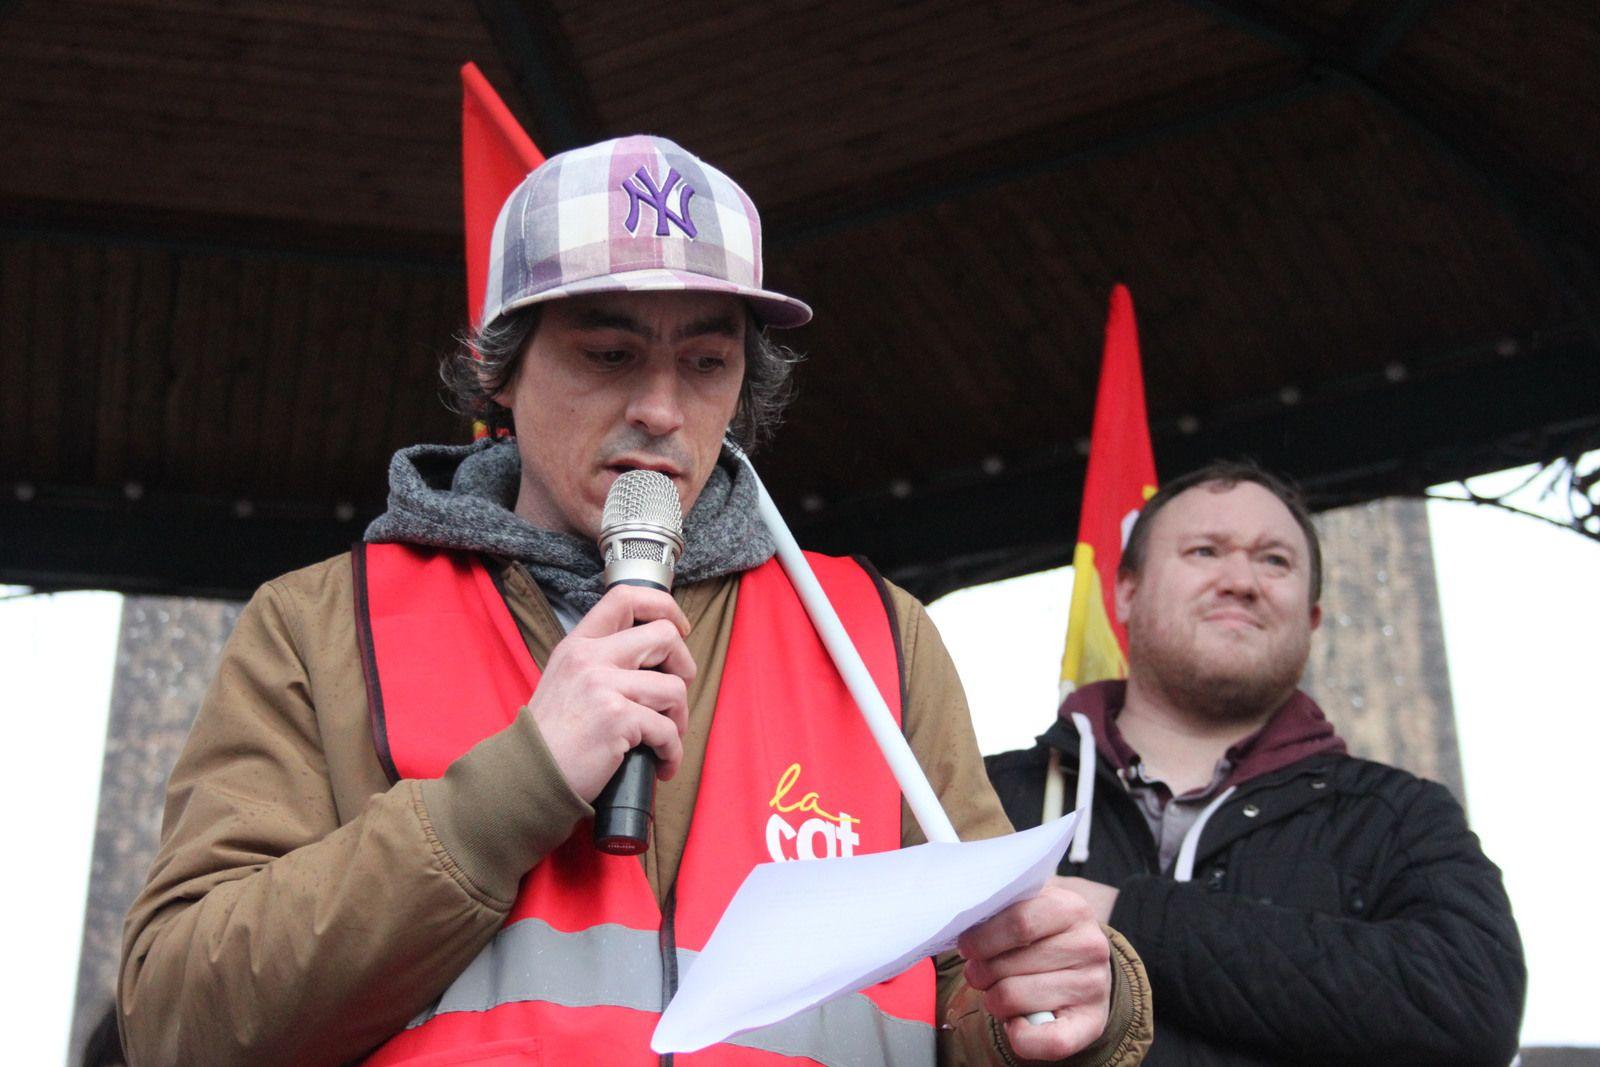 Prise de parole de Sébastien Le Scornet, avec Julien Tanguy en arrière-plan, pour la CGT